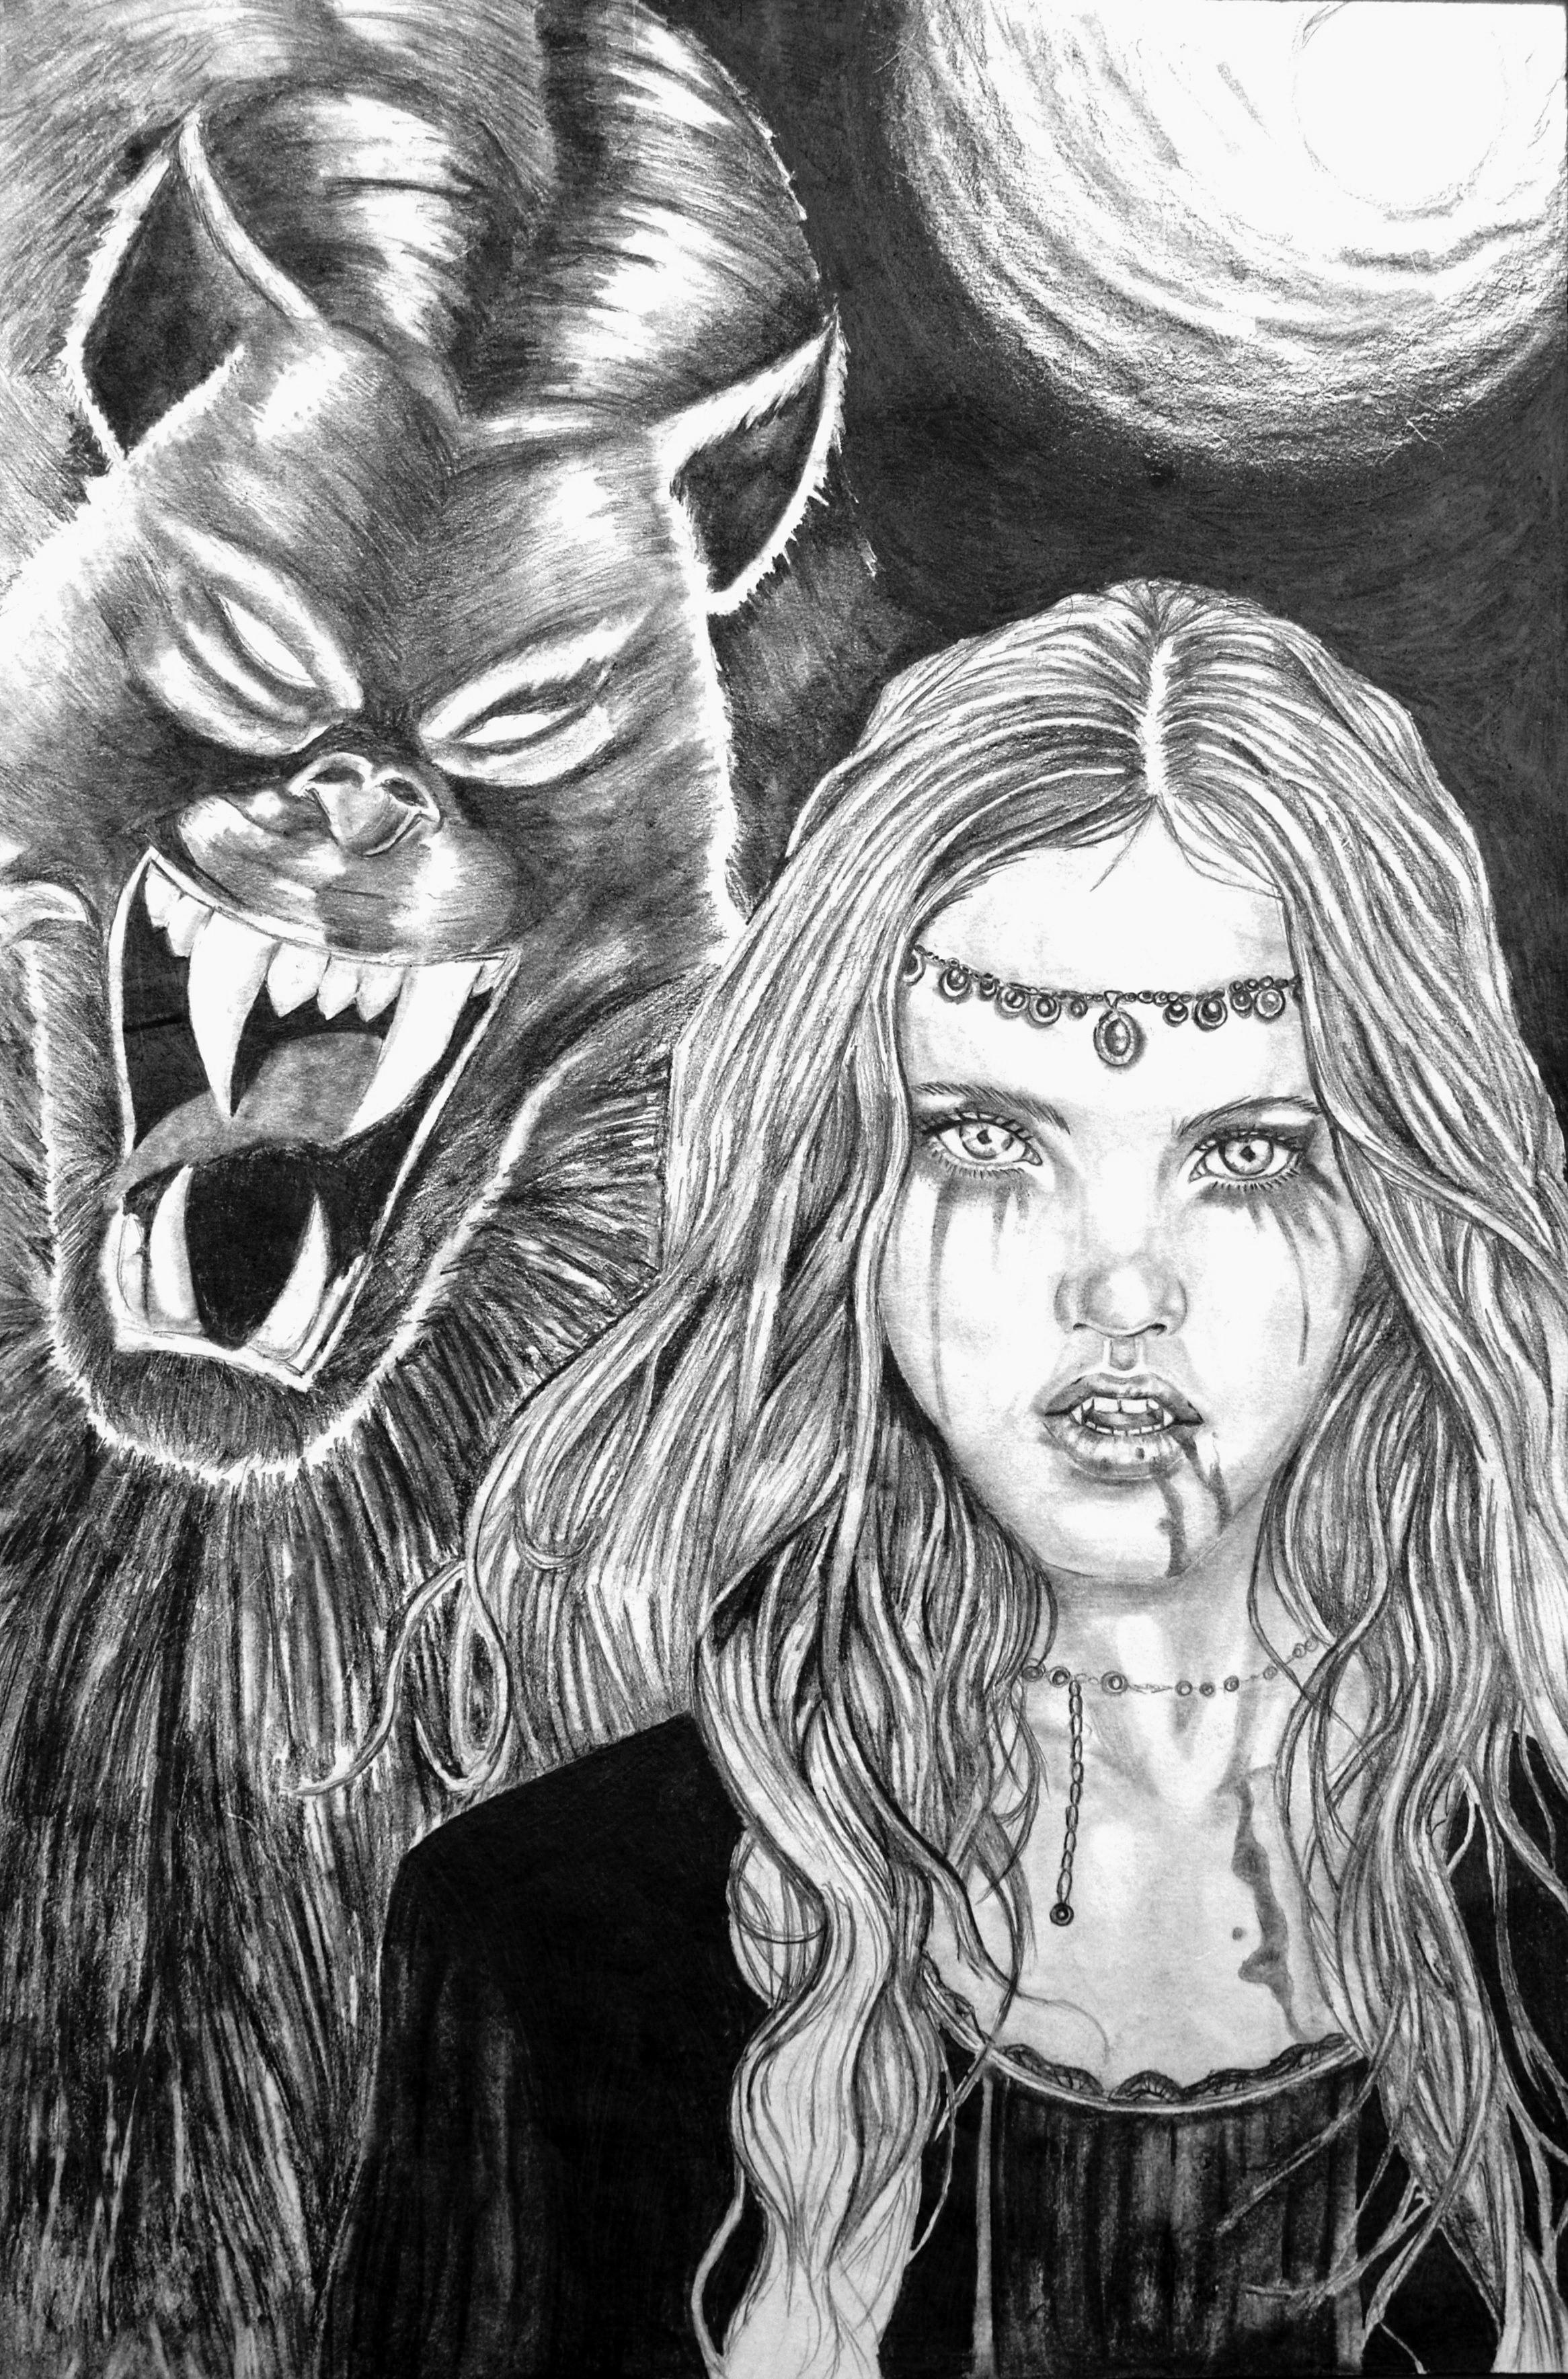 Vampire vs. Werewolf by Chain34 on DeviantArt